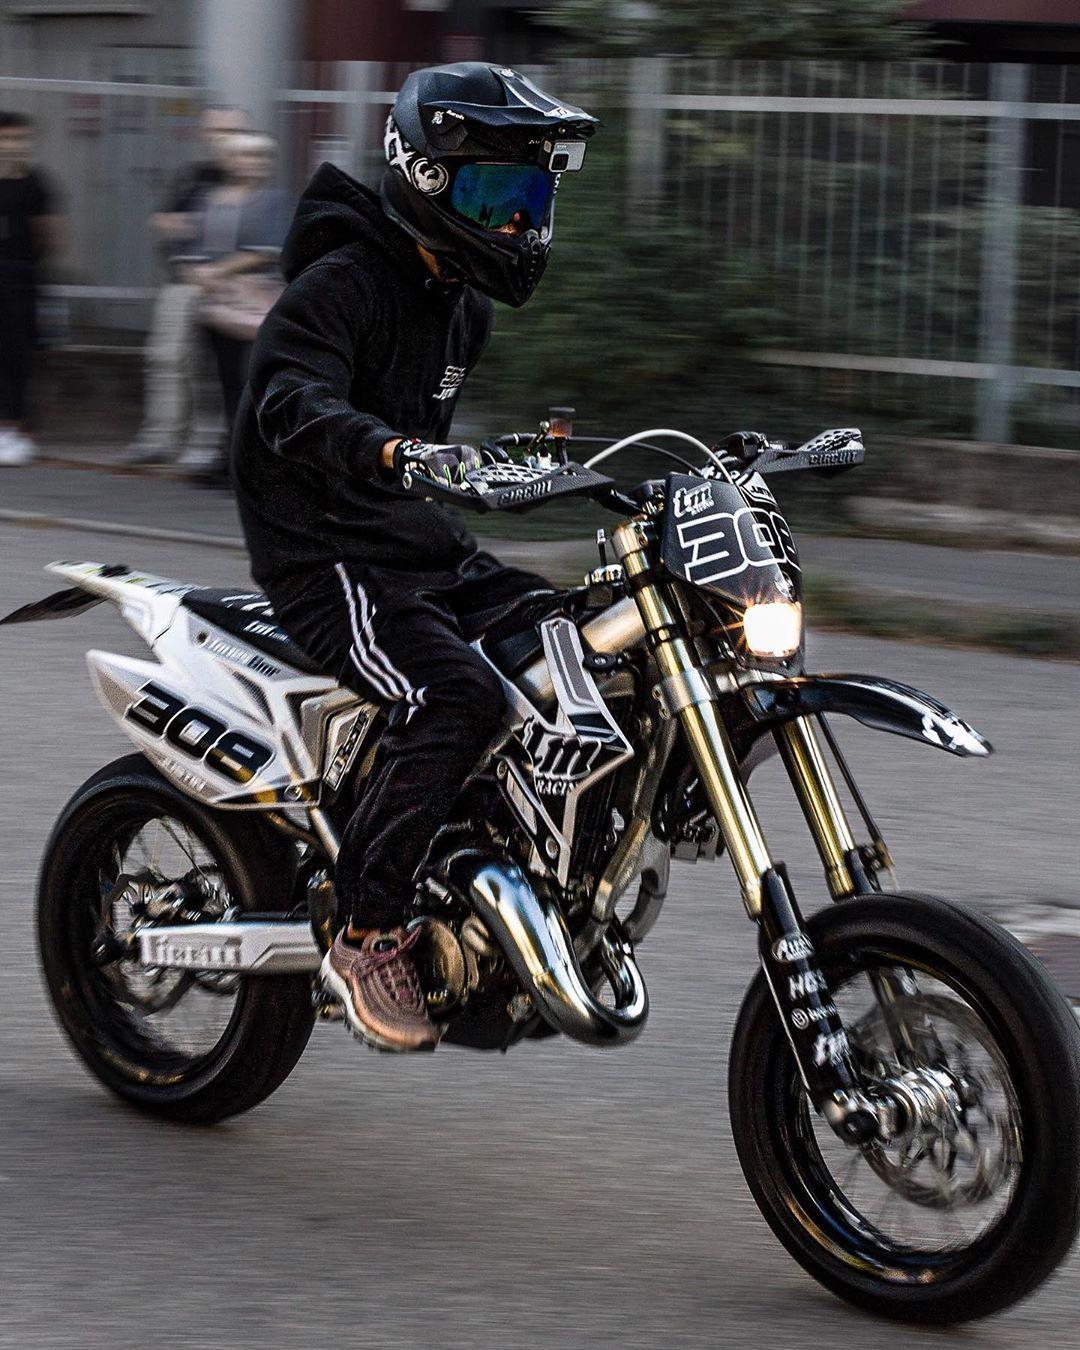 Ciao A Tutti I Tati Ci Vediamo Domenica A Cerro Maggiore Compleanno Del Tato Alessandro Caserio Che Moootore Bike Justintopi9 Edit By